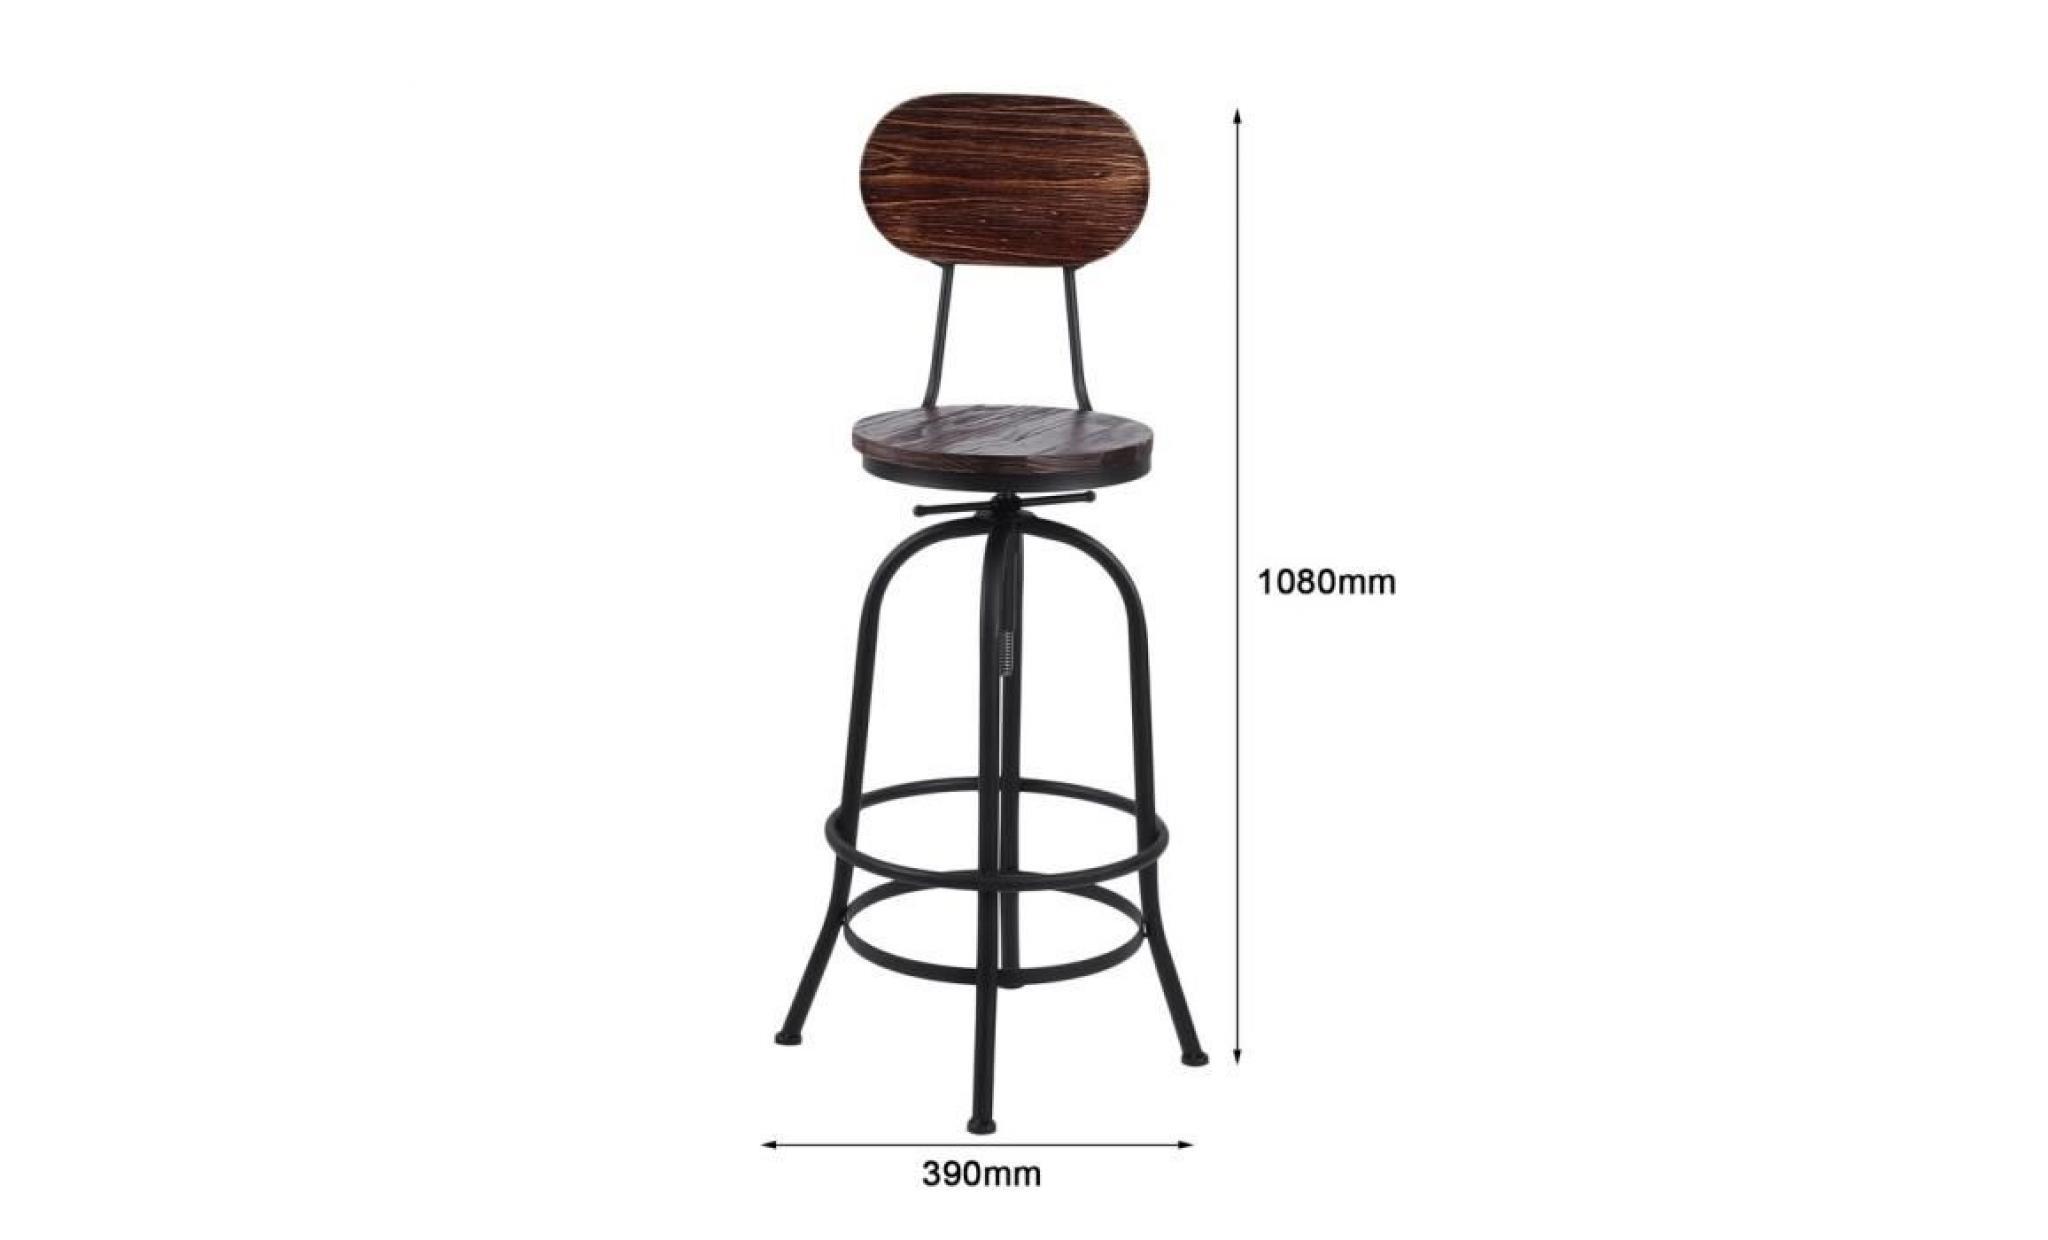 Moderne De Industriel Style Haute Tabouret Bar Chaise orEdWxBeQC